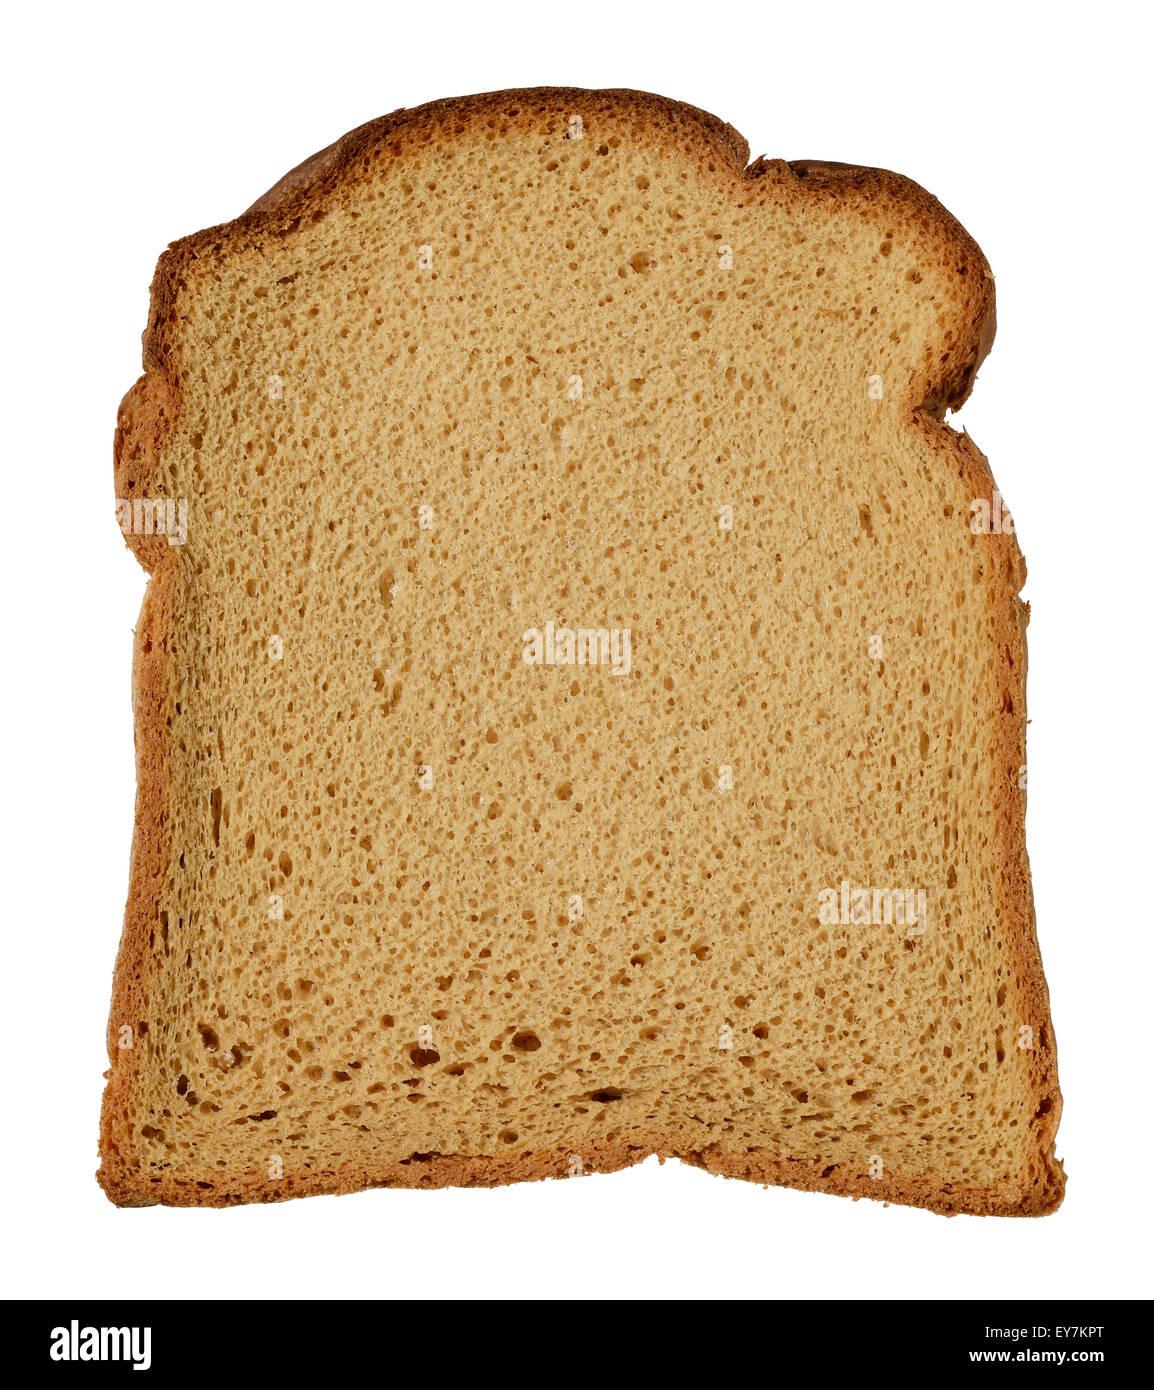 Una porción de Lácteos libres de trigo sin gluten pan gratis Imagen De Stock